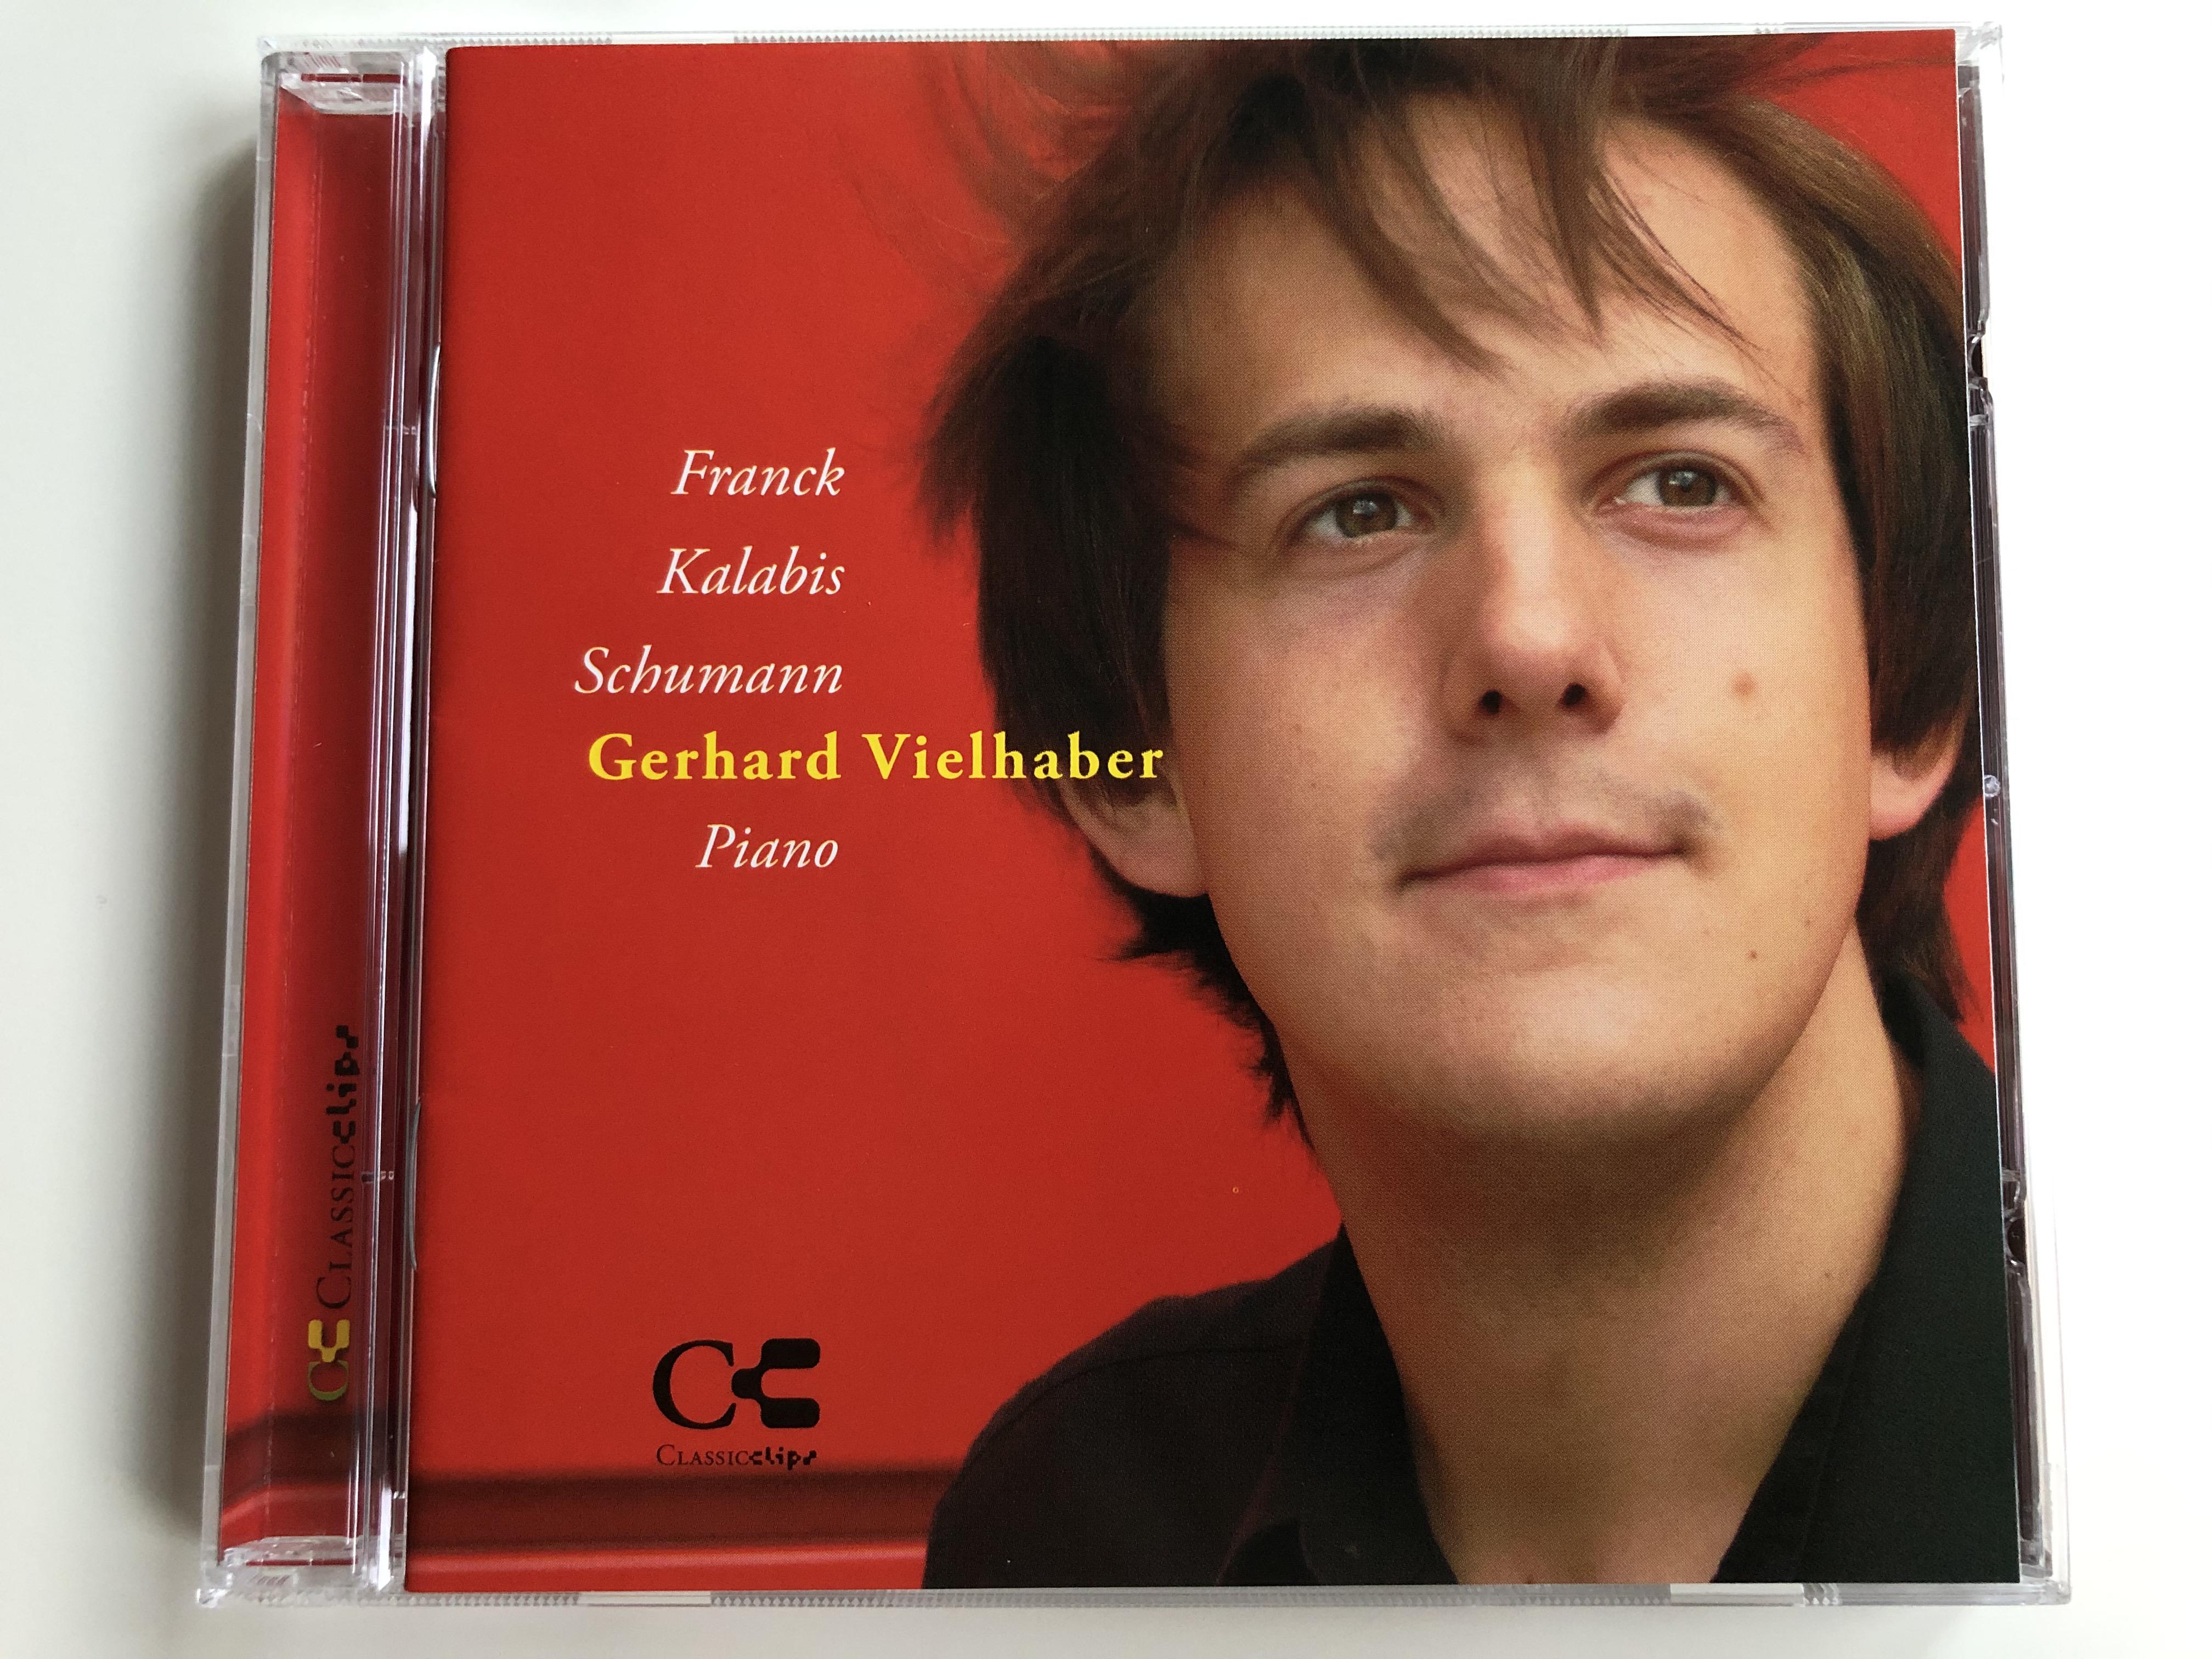 franck-kalabis-schumann-gerhard-vielhaber-piano-classicclips-audio-cd-2006-clcl-103-1-.jpg